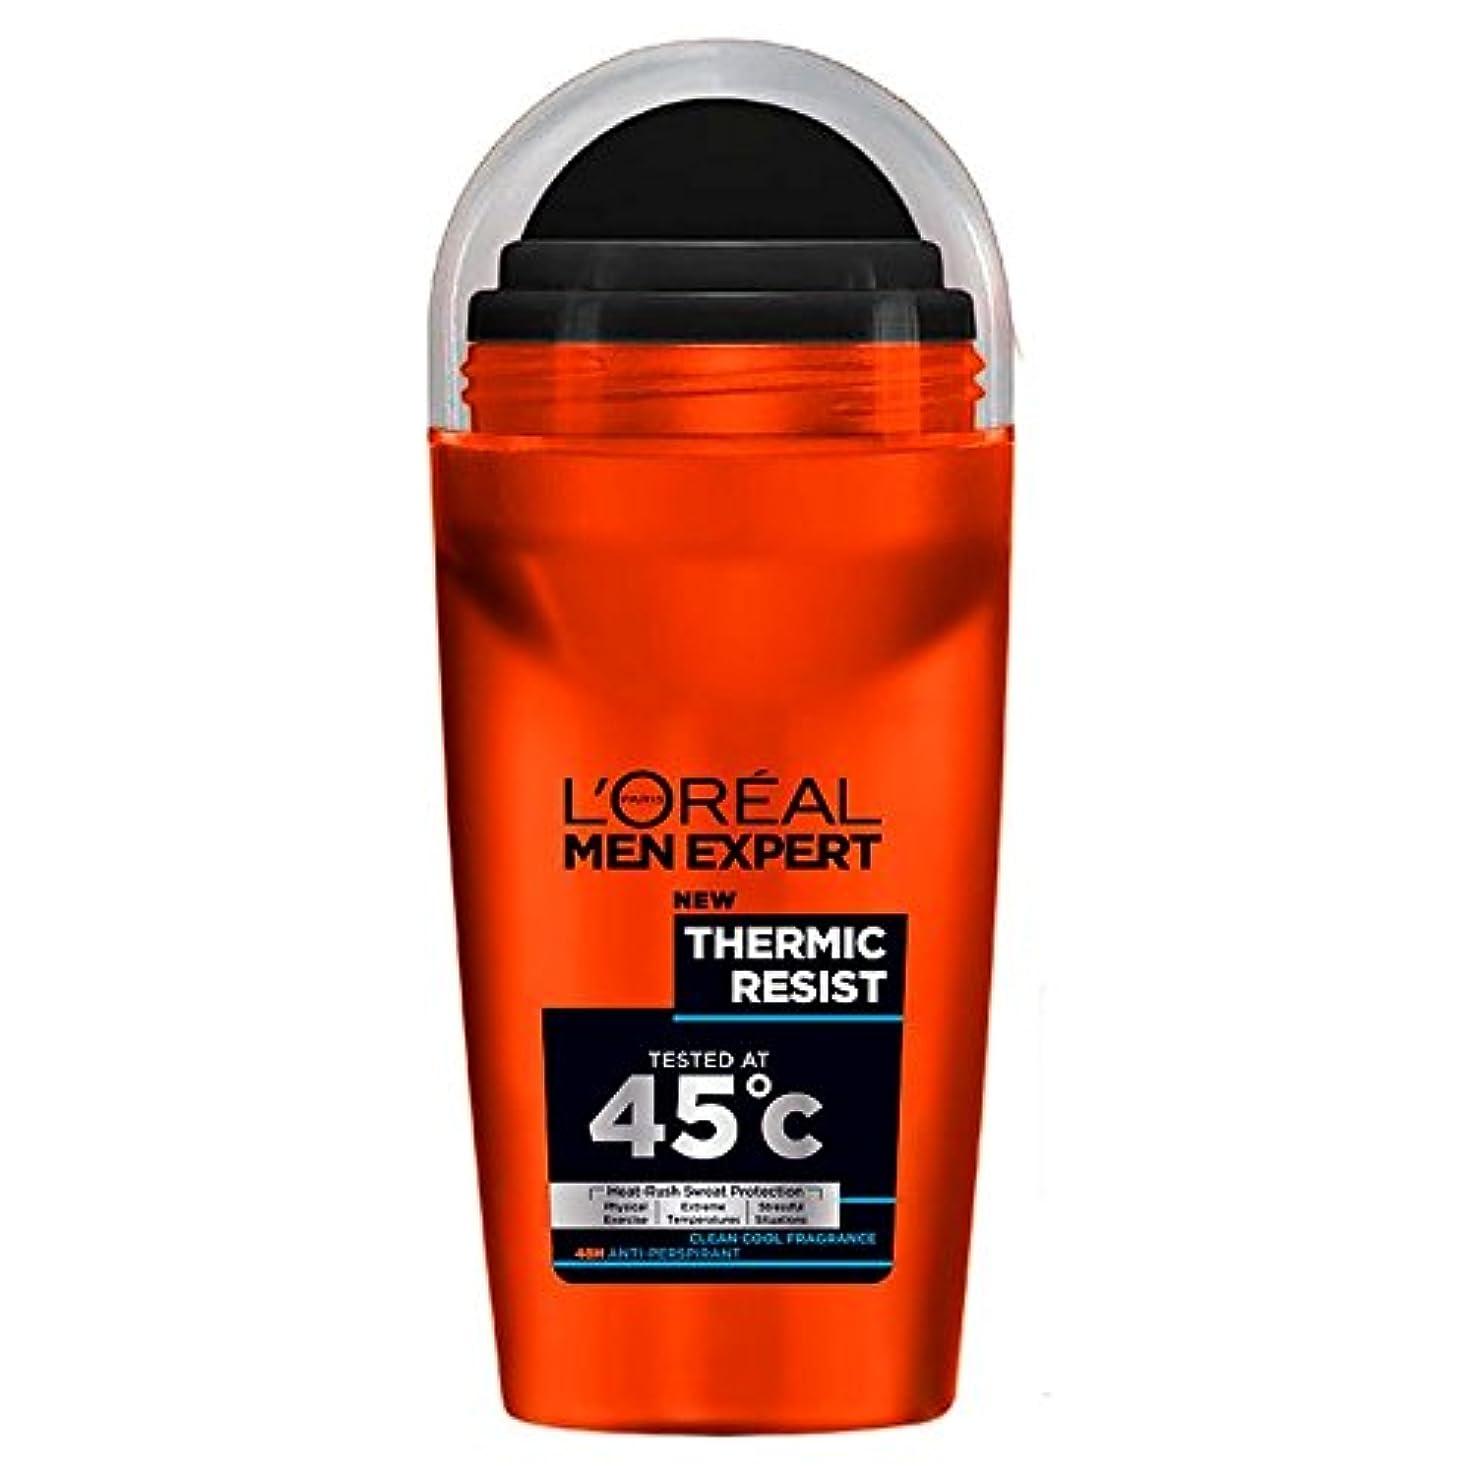 産地鋸歯状はっきりとL'Oreal Paris Men Expert Deodorant Roll-On - Thermic Resist (50ml) L'オラ?アルパリのメンズ専門デオドラントロールオン - サーミックにレジスト( 50ミリリットル) [並行輸入品]